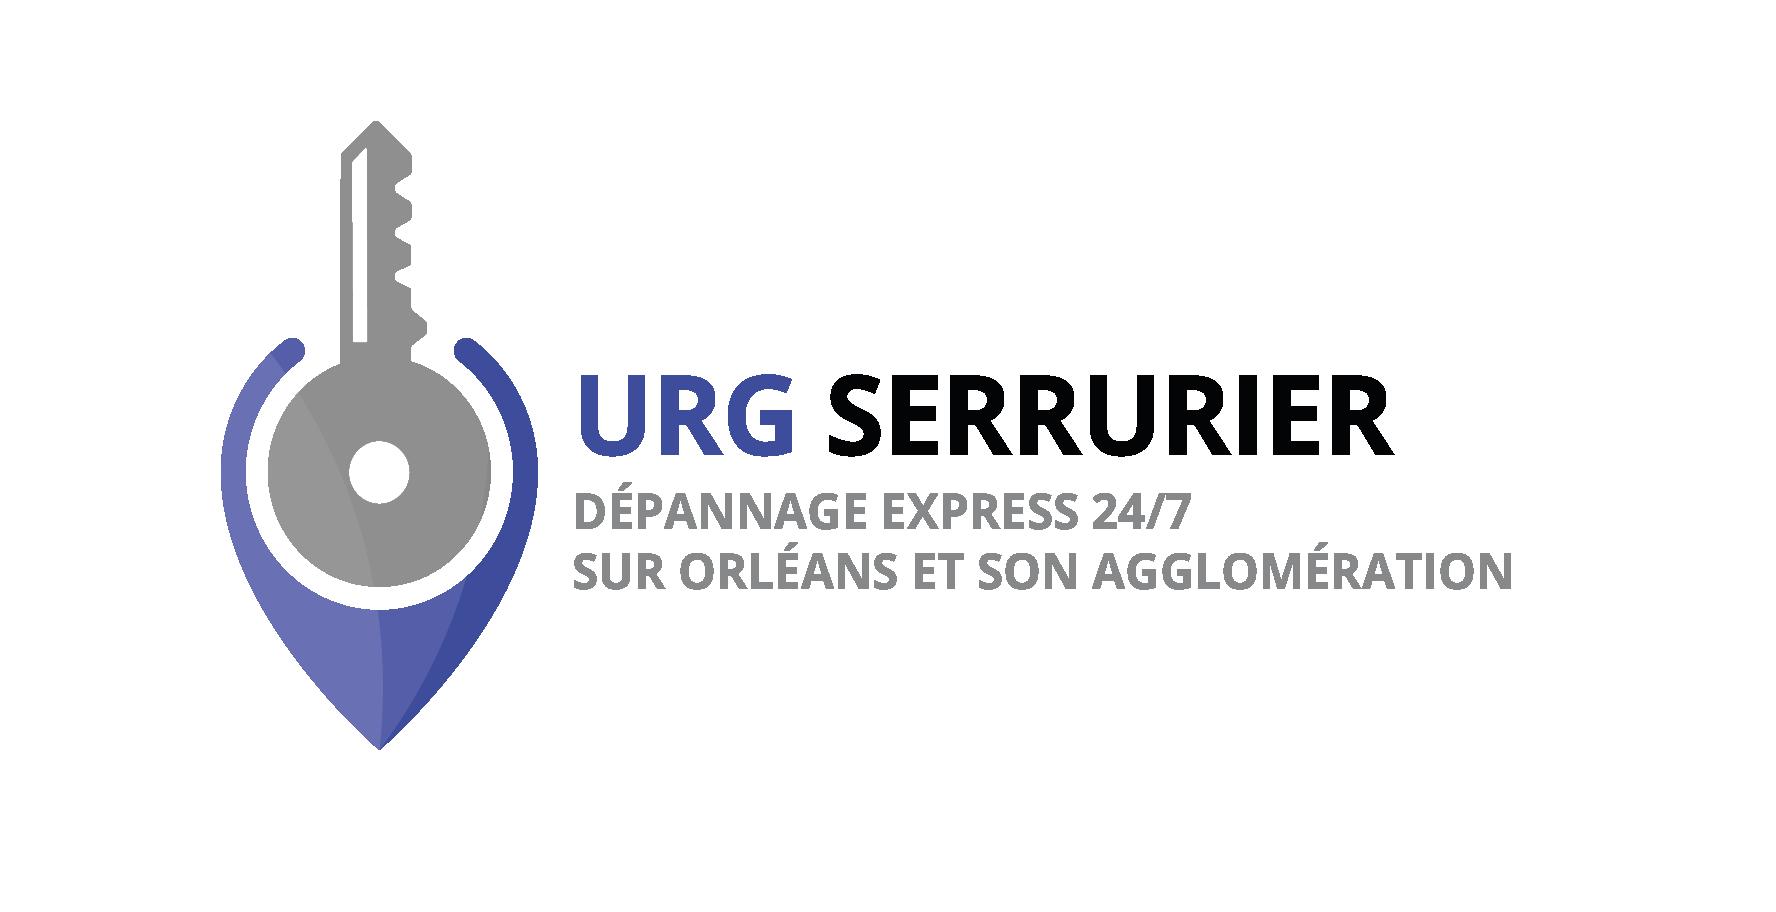 URG SERRURIER ORLEANS DEPANNAGE